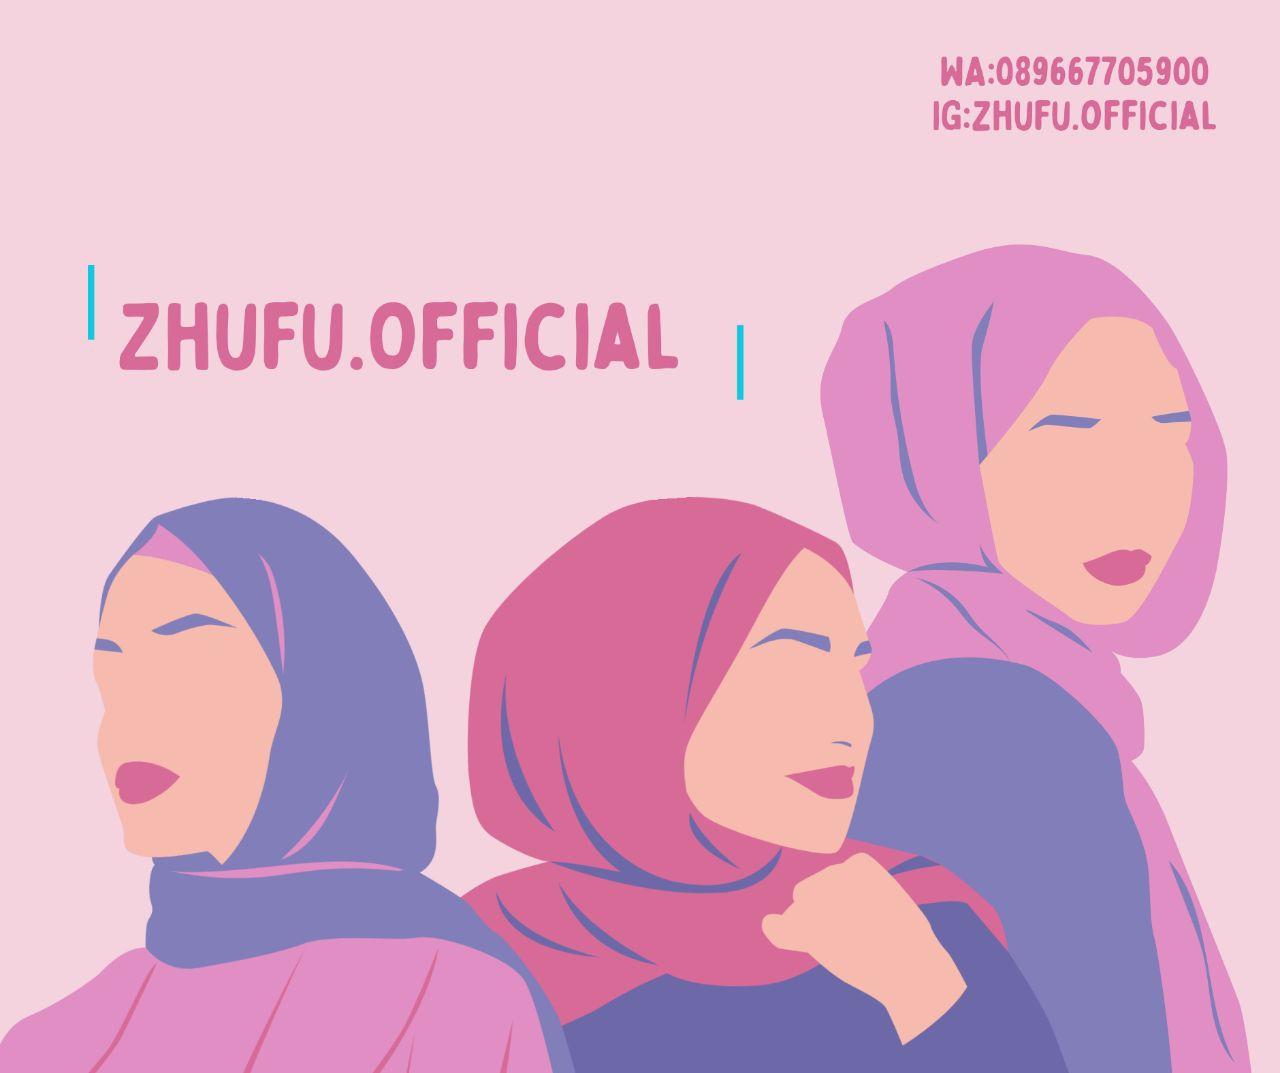 Zhufu Official